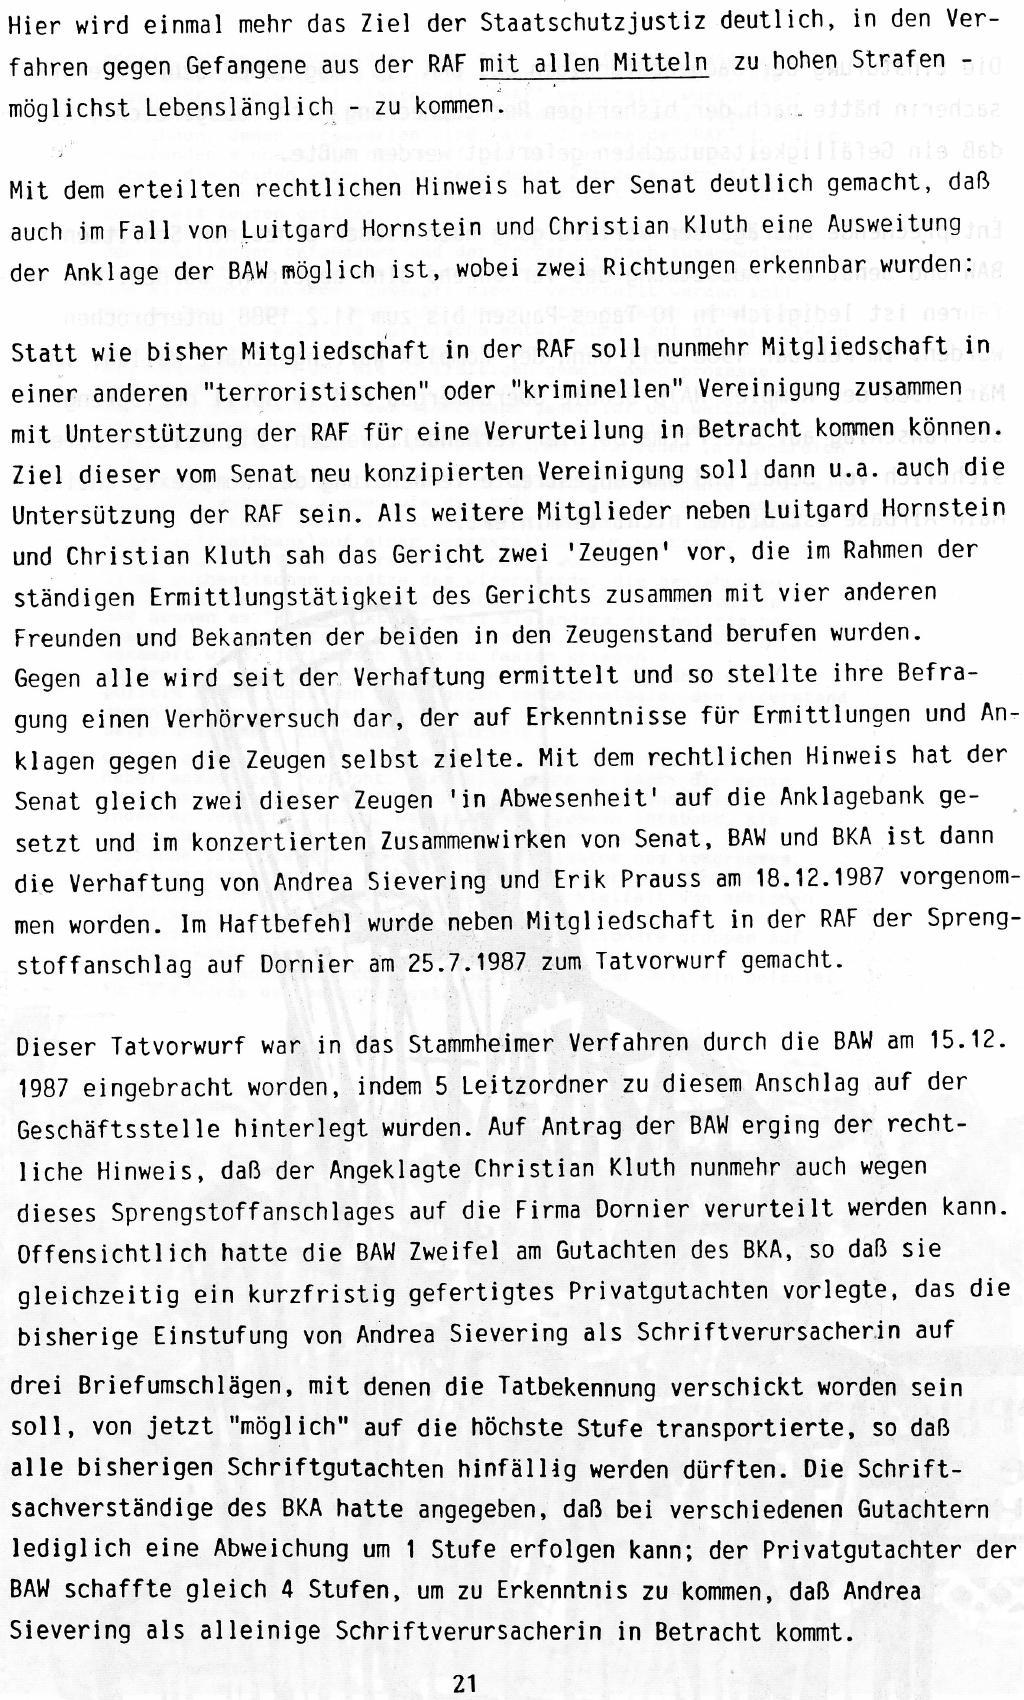 Duesseldorf_1989_Sechs_Politische_Gefangene_021